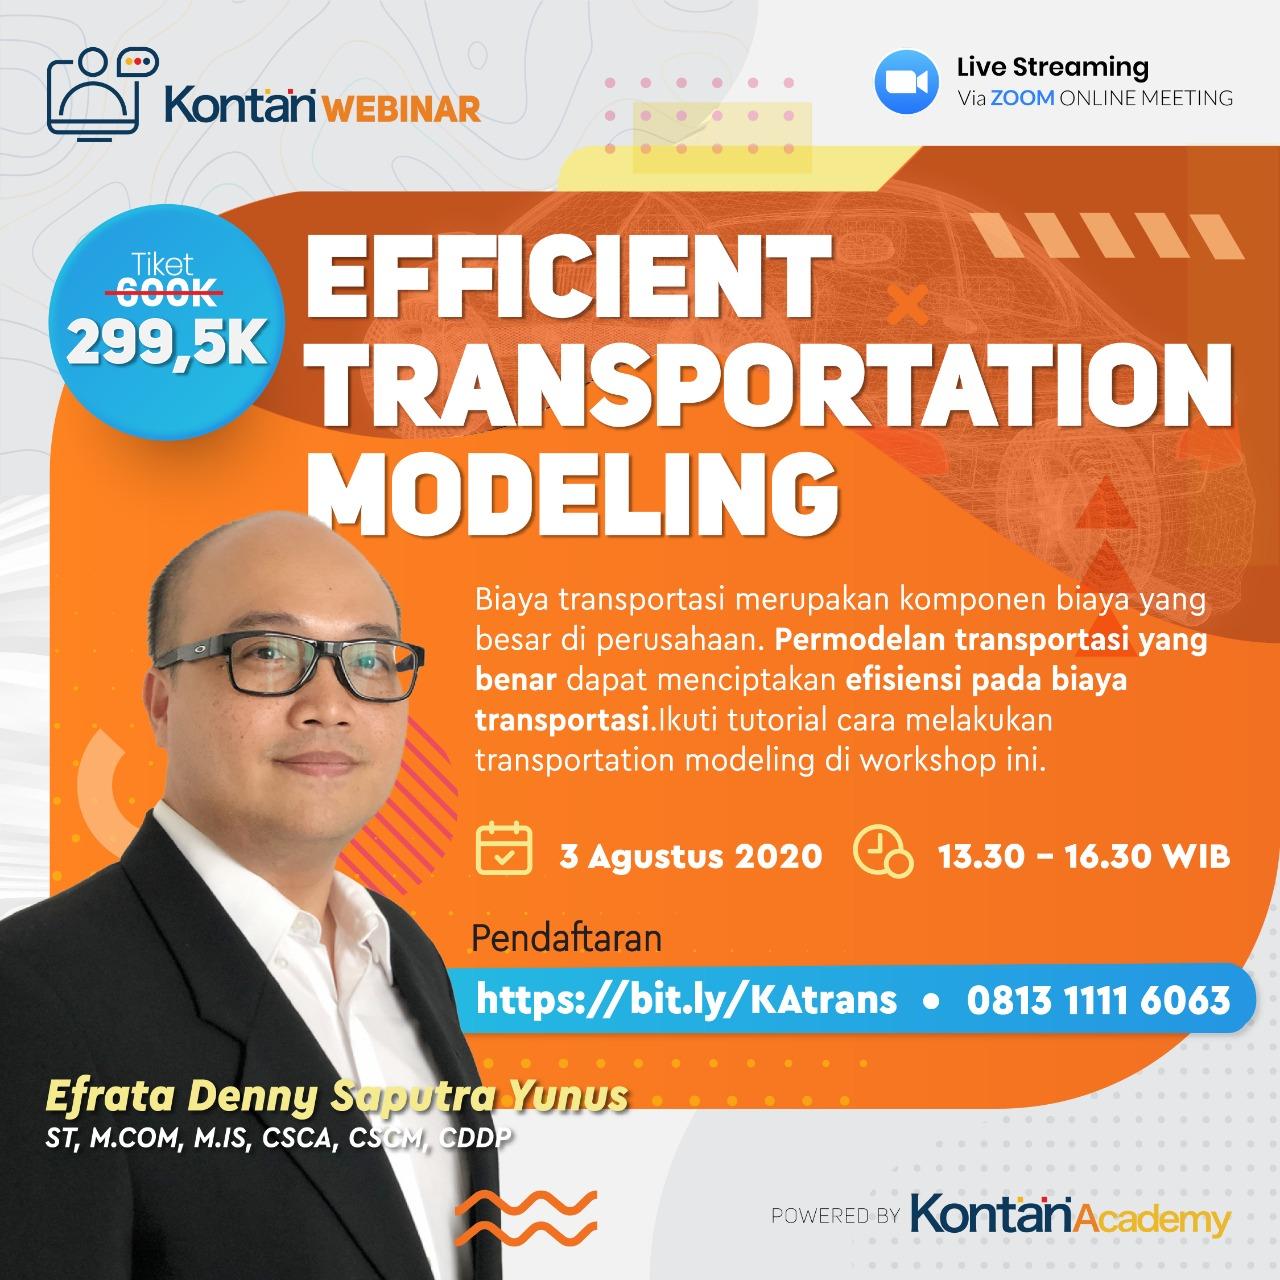 Efficient Transportation Modeling